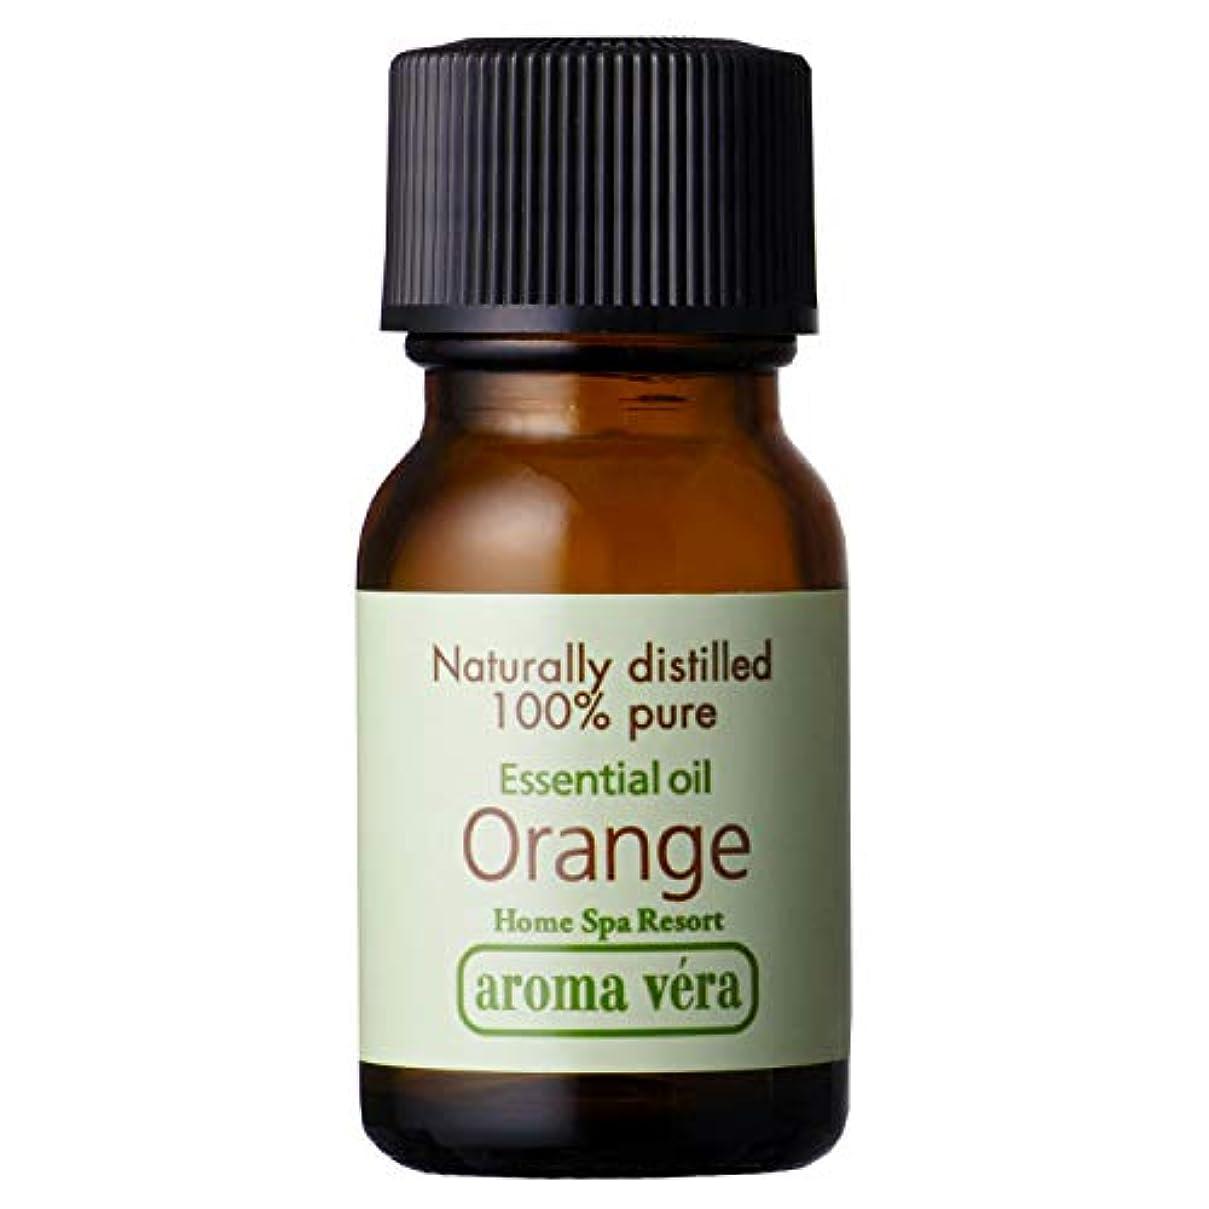 ピニオンベンチ水を飲むアロマベラ エッセンシャルオイル オレンジ 10ml